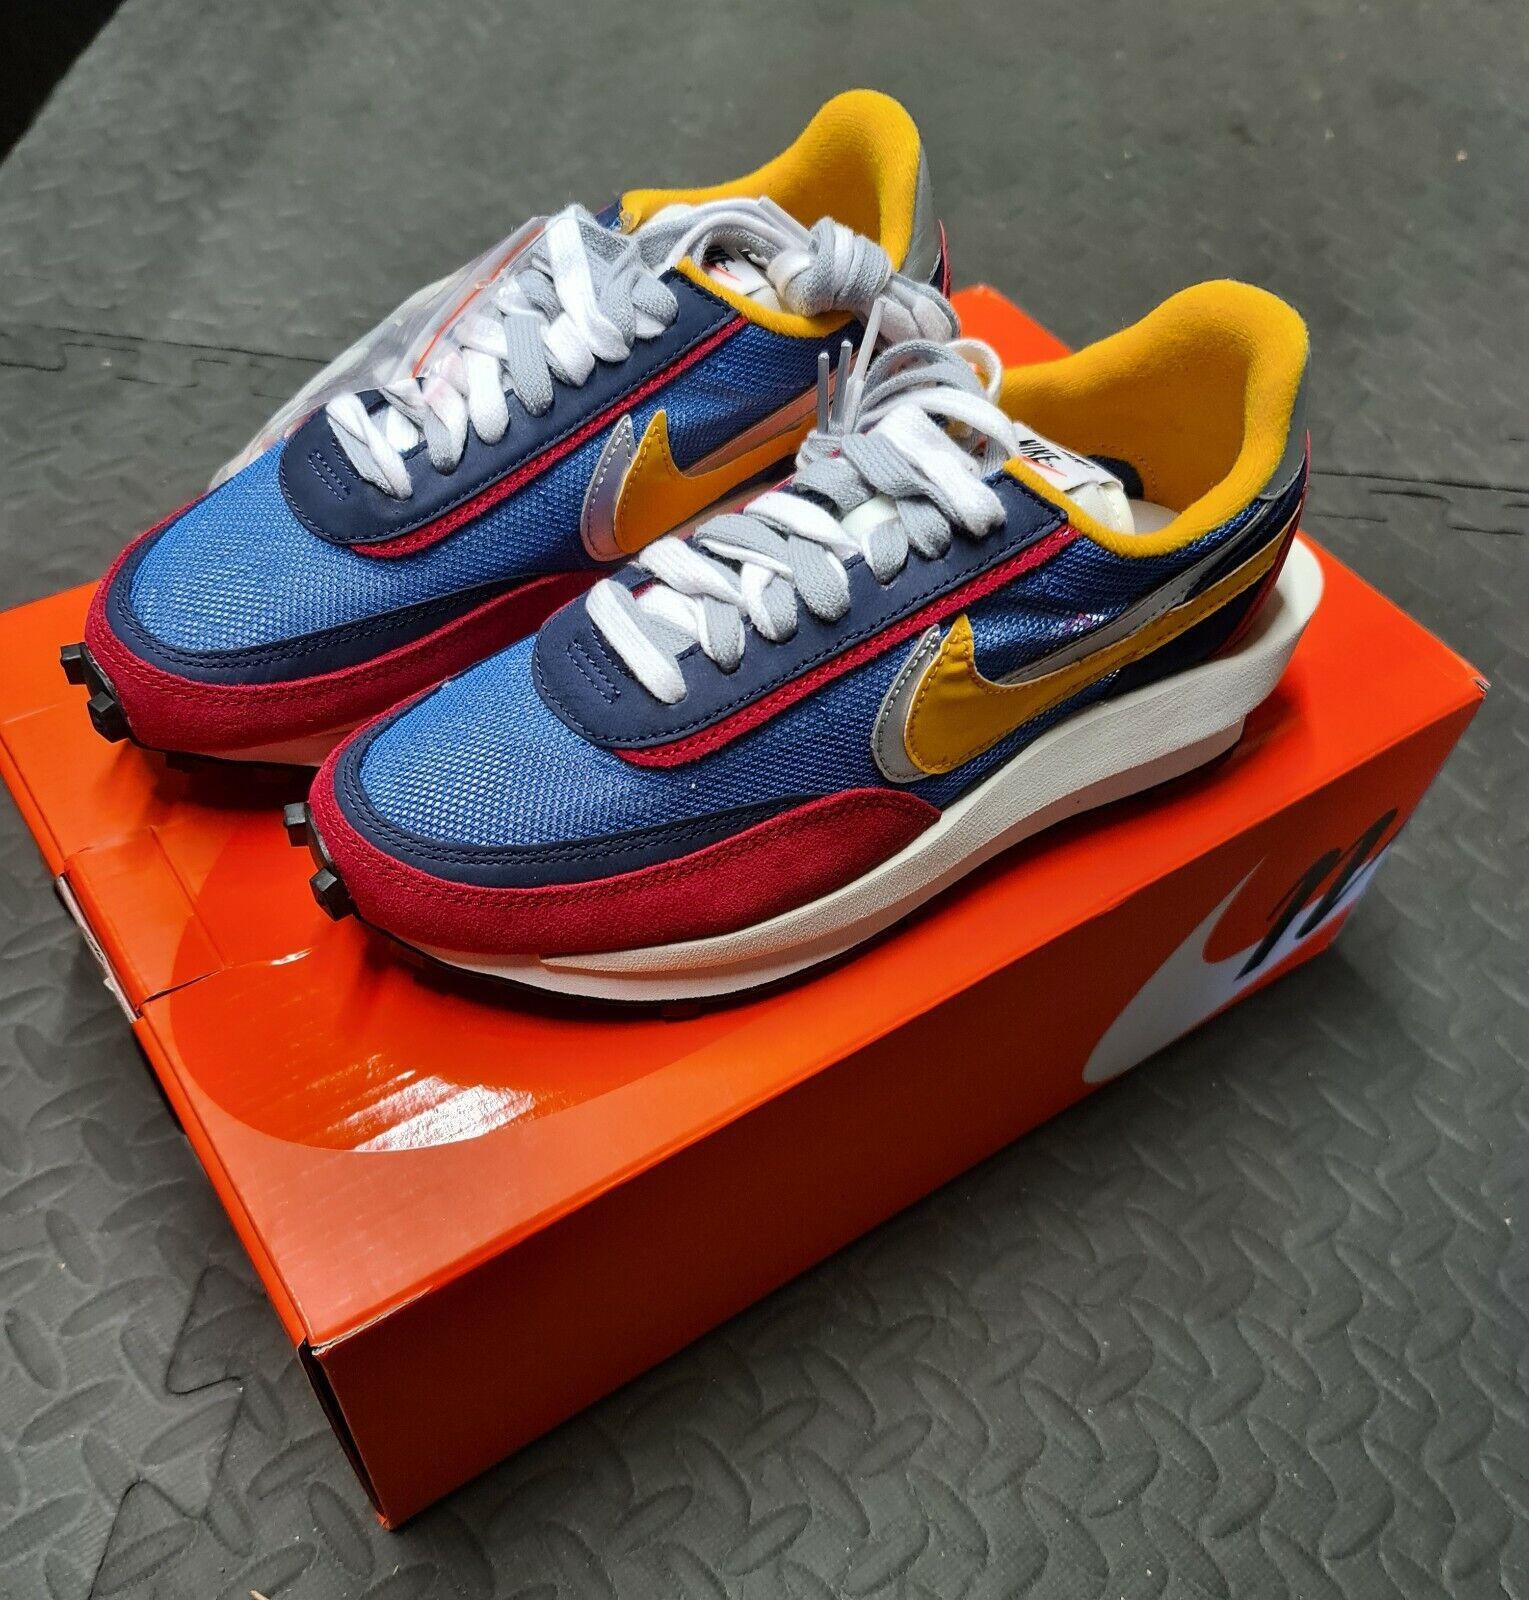 Sacai x Nike LD gaufre